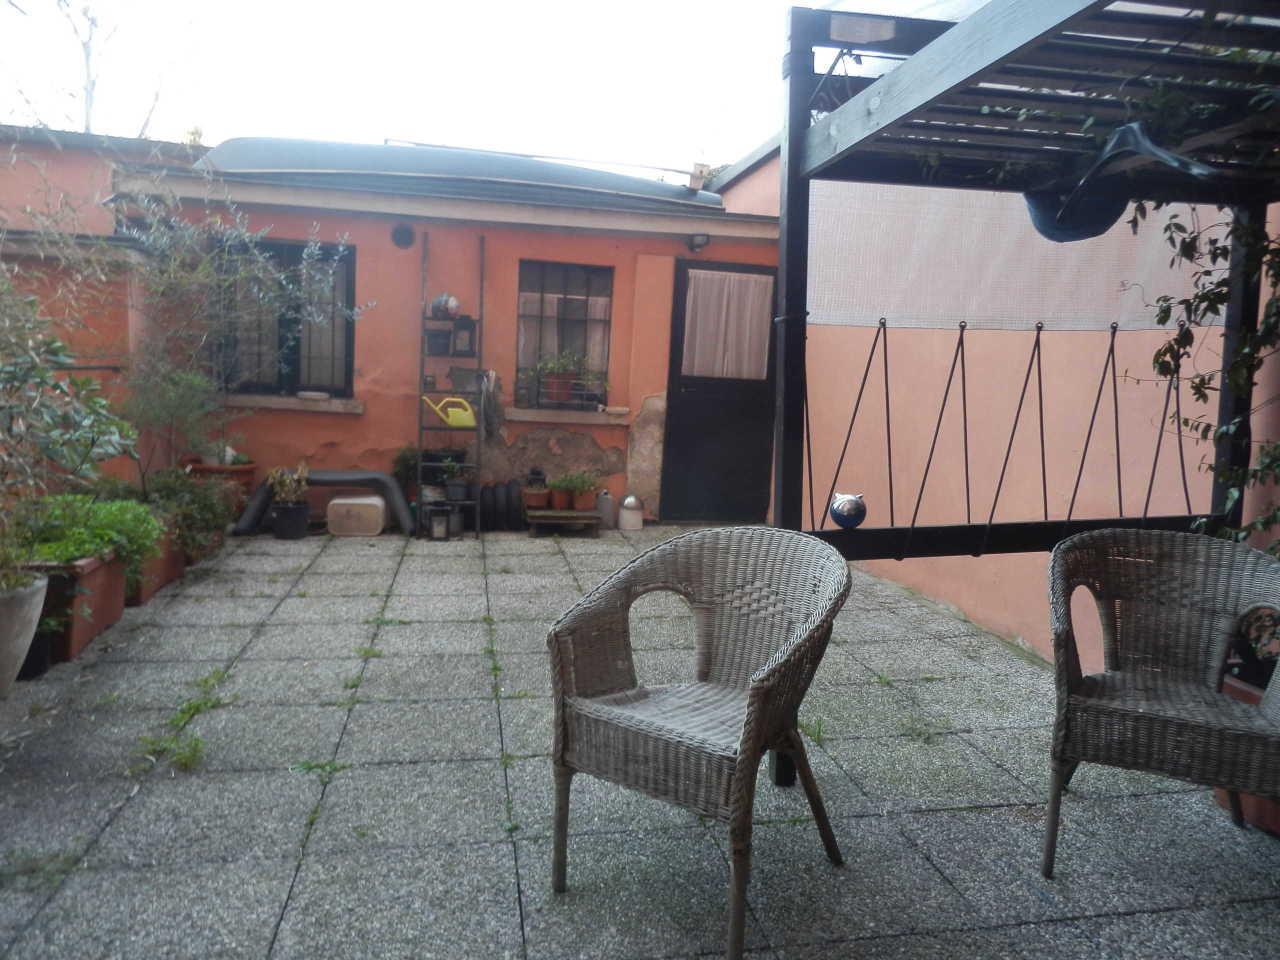 Laboratorio in vendita a Milano, 3 locali, prezzo € 250.000 | Cambio Casa.it